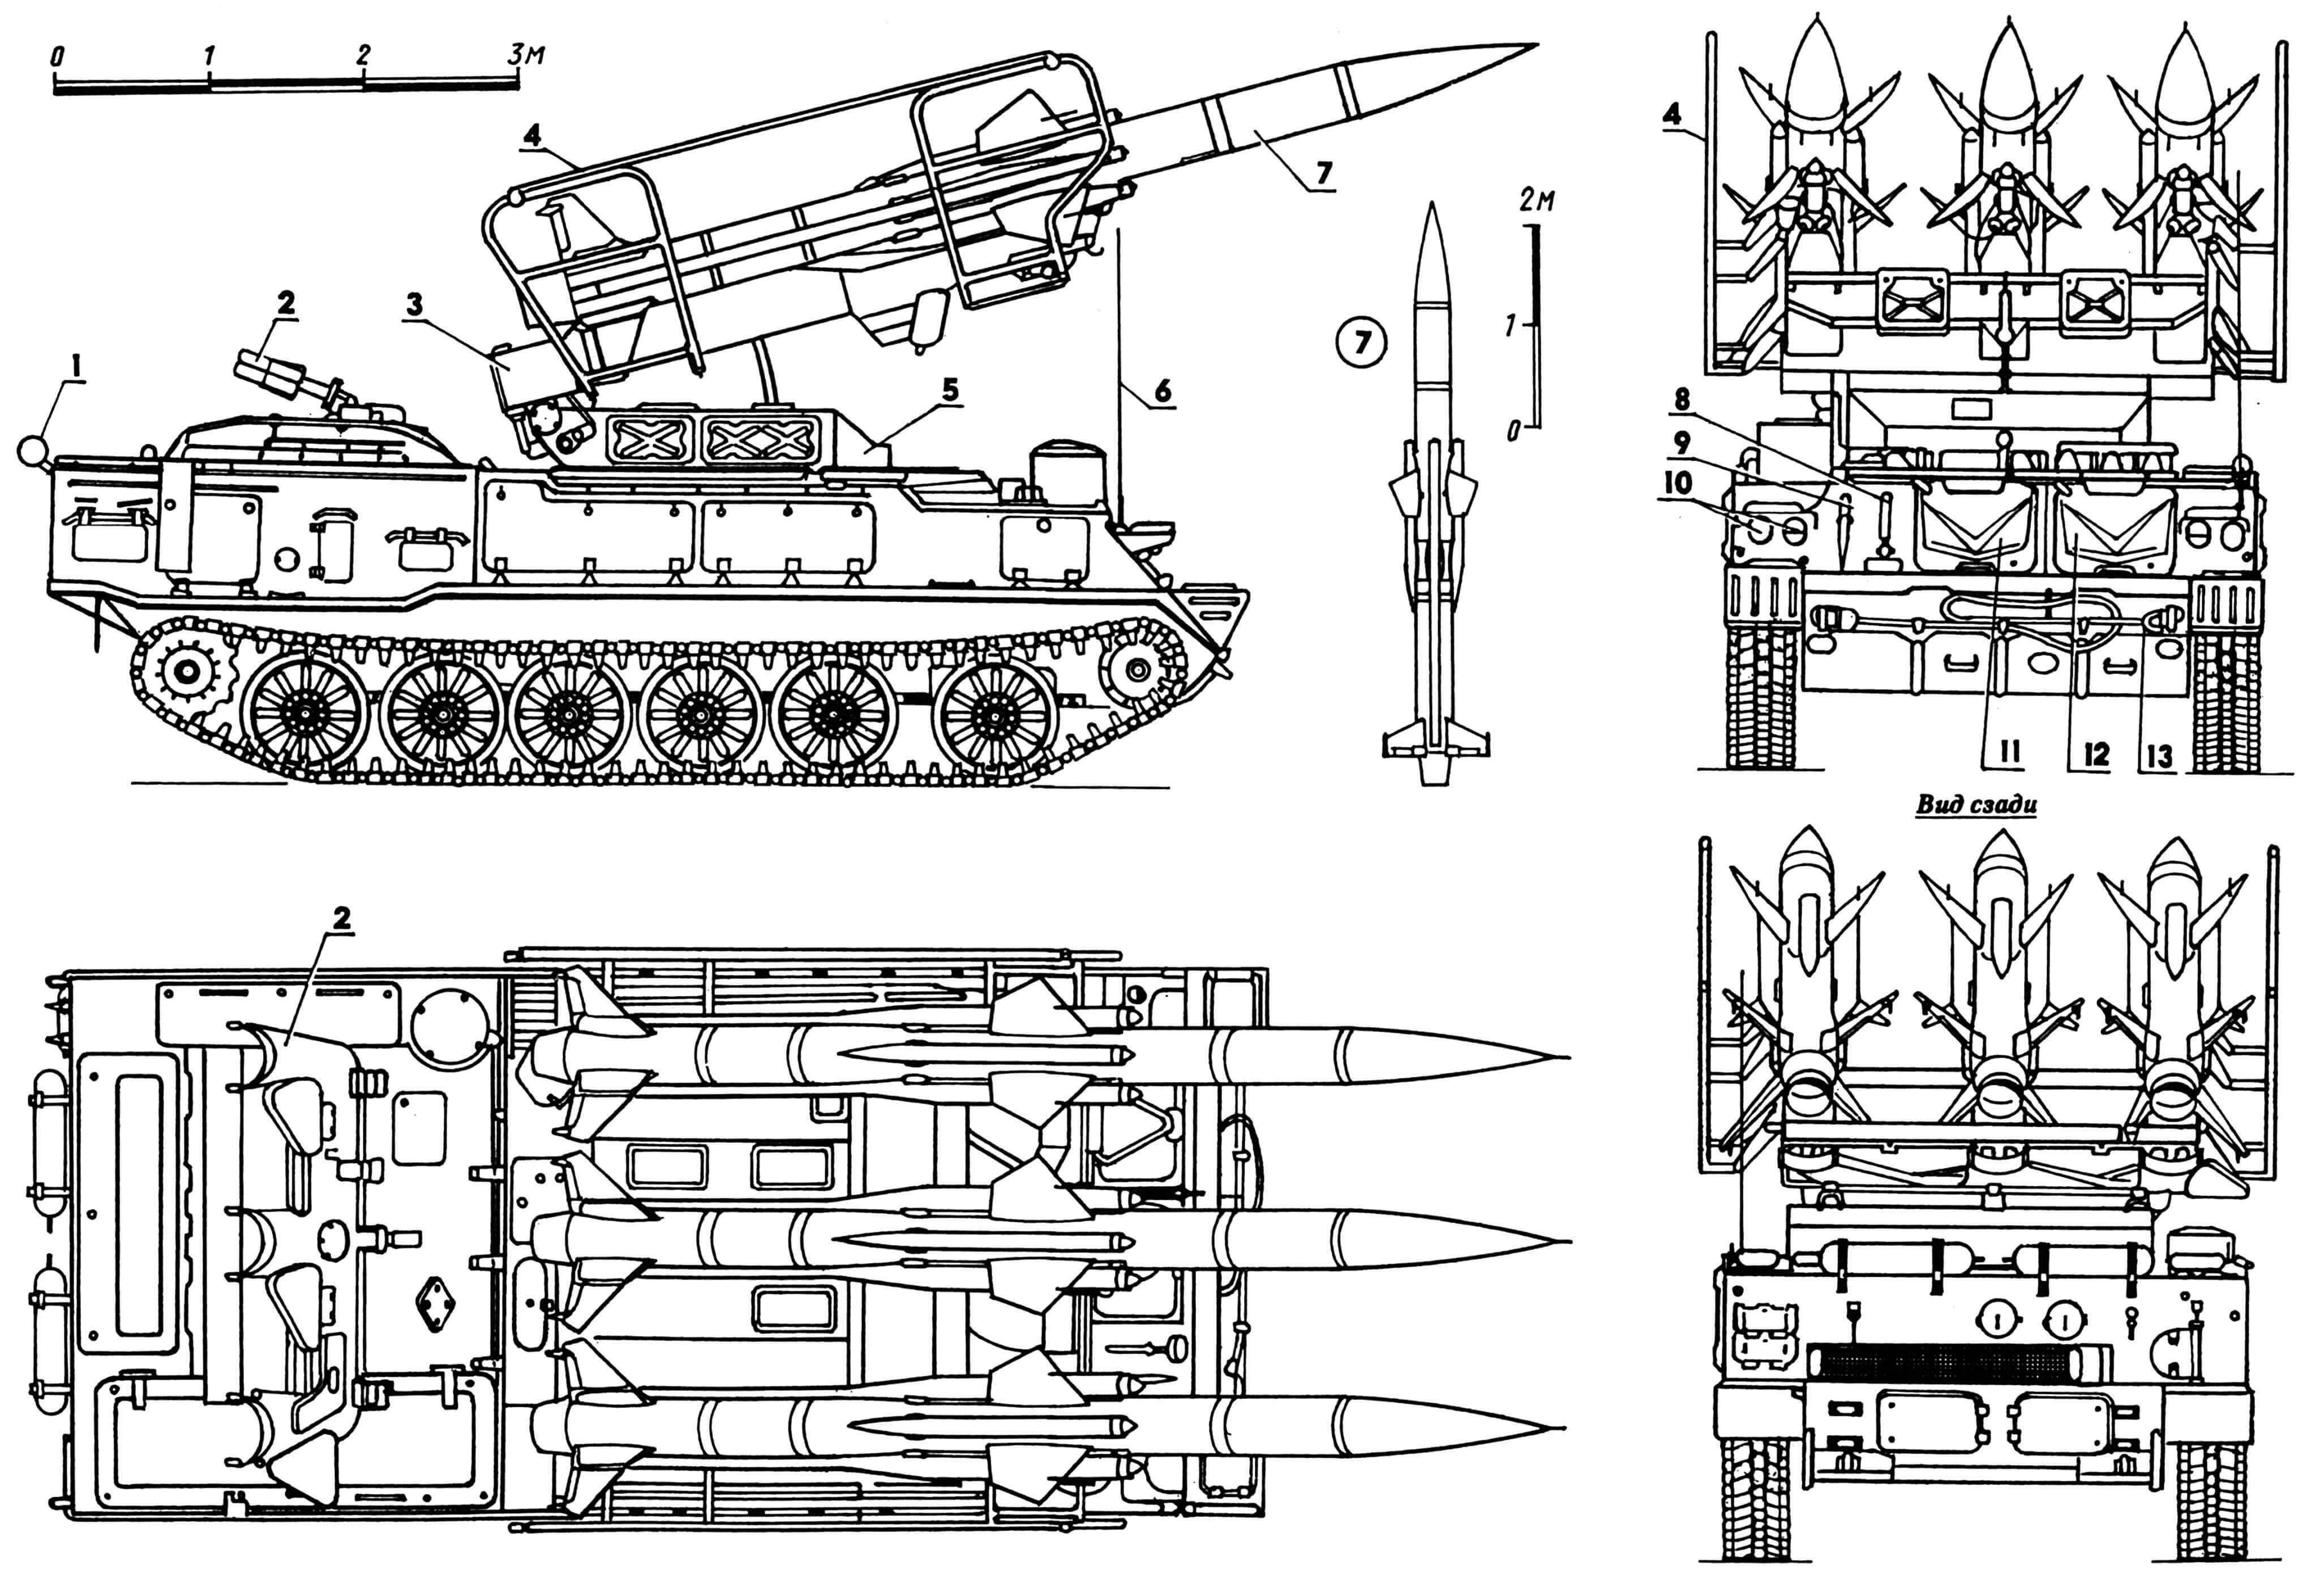 Самоходная пусковая установка 2П25 ЗРК «Куб»: 1 — баллон со сжатым воздухом; 2 — кронштейны крепления «по-походному»; 3 — балка направляющая; 4 — ограждение; 5 — основание поворотное; 6 — антенна радиостанции, 7ракета ЗМ9; 8 — лопата; 9 — лом; 10 — фары; 11 — люк оператора; 12 — люк водителя; 13 — трос буксировочный.